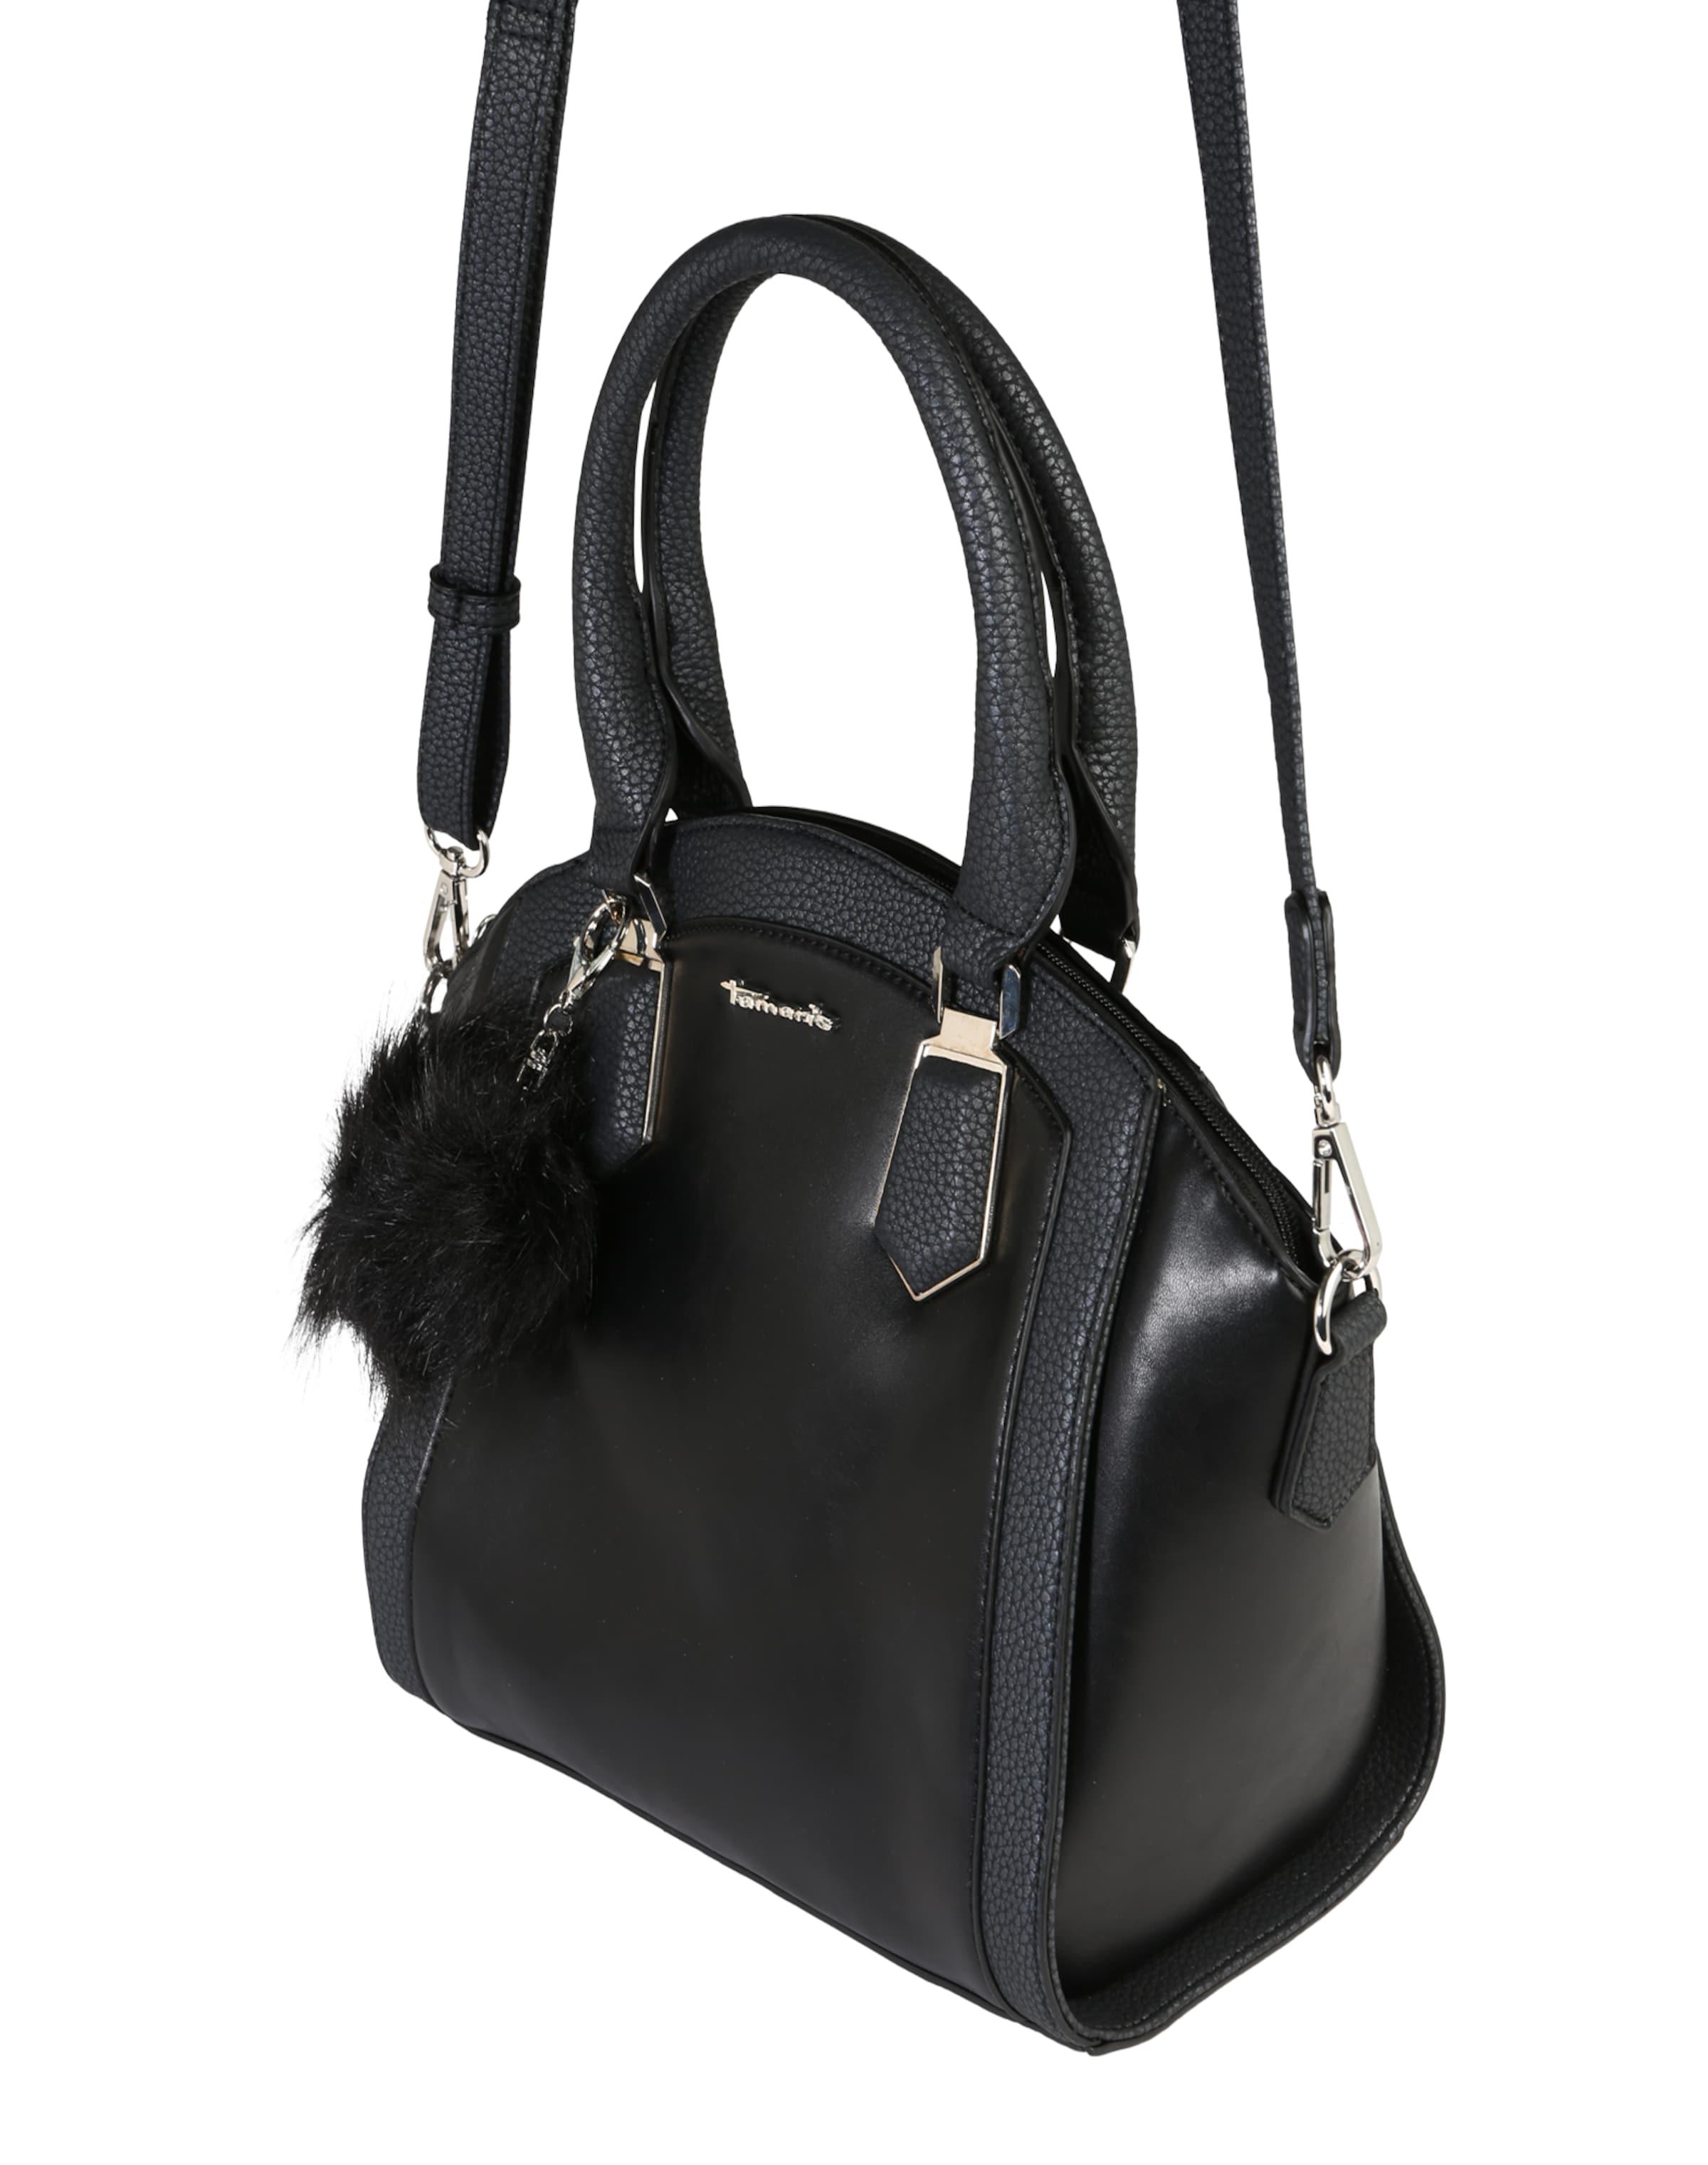 TAMARIS Handtasche 'Elsa' Rabatt Hohe Qualität Rabatt-Outlet-Store Bester Shop Zum Kauf Große Auswahl An Günstigen Online bD43A